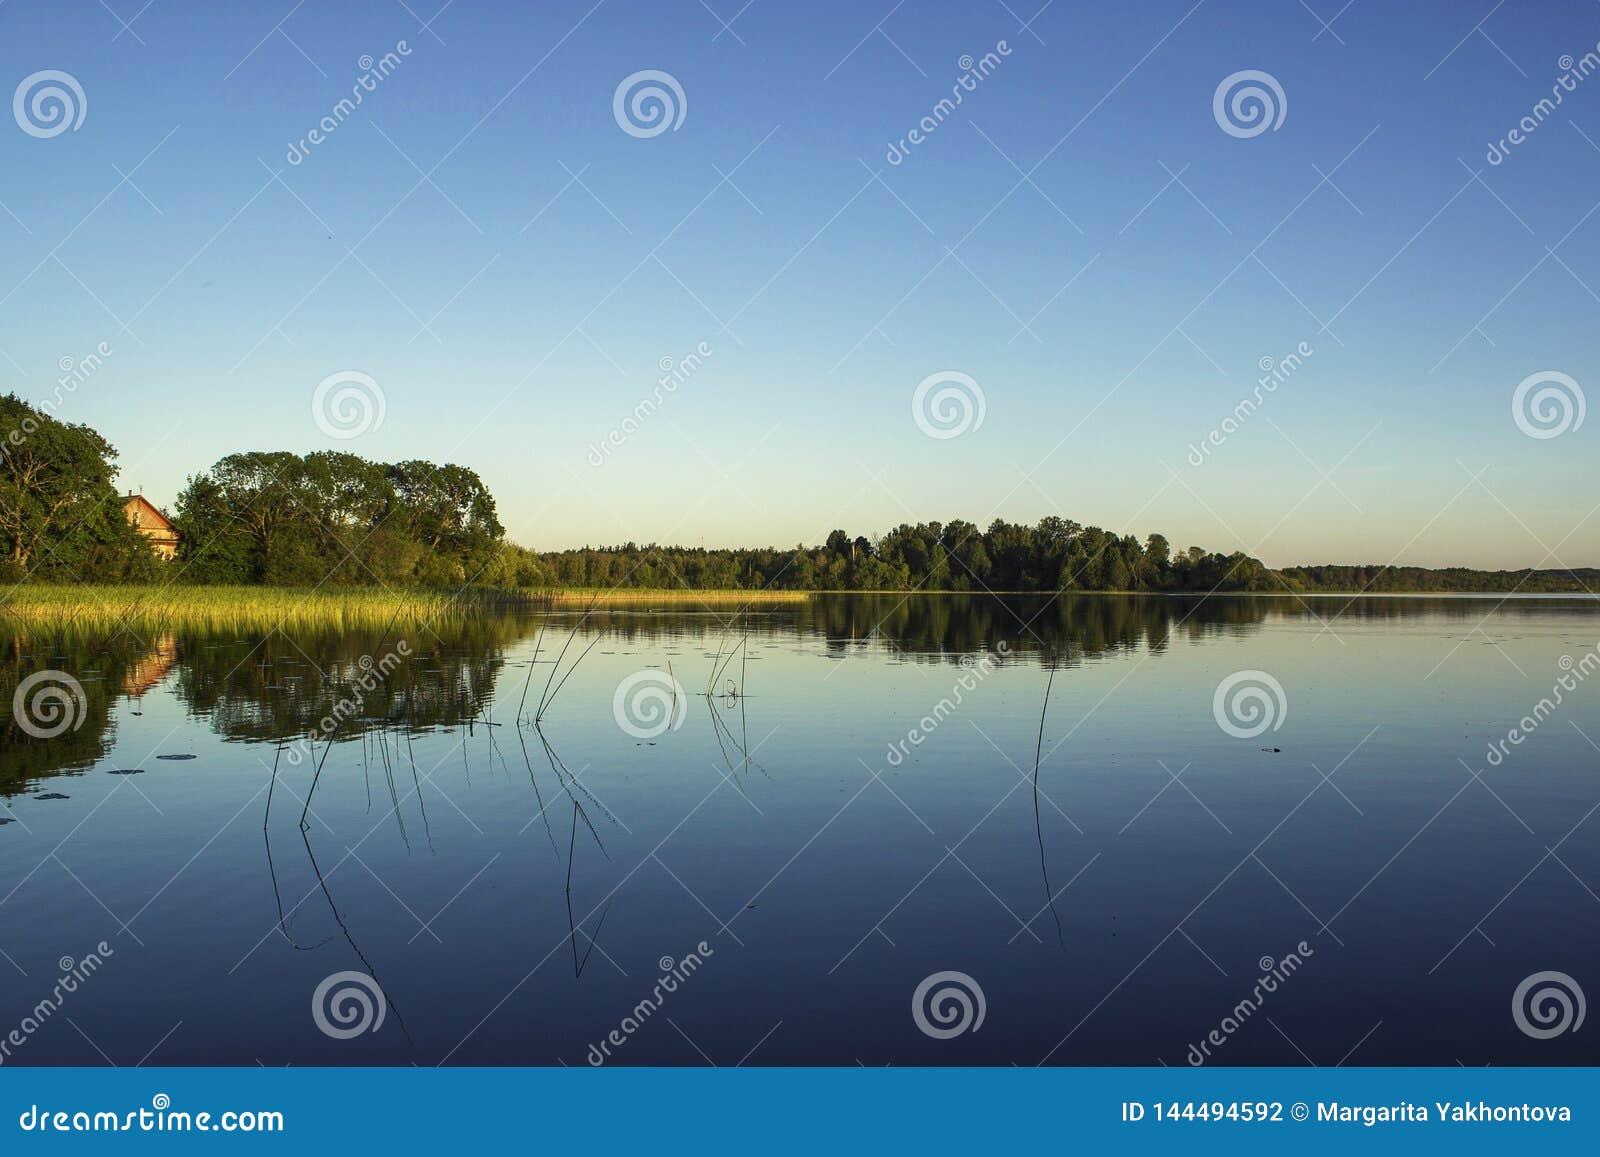 Άποψη από την ακτή στη λίμνη το καλοκαίρι